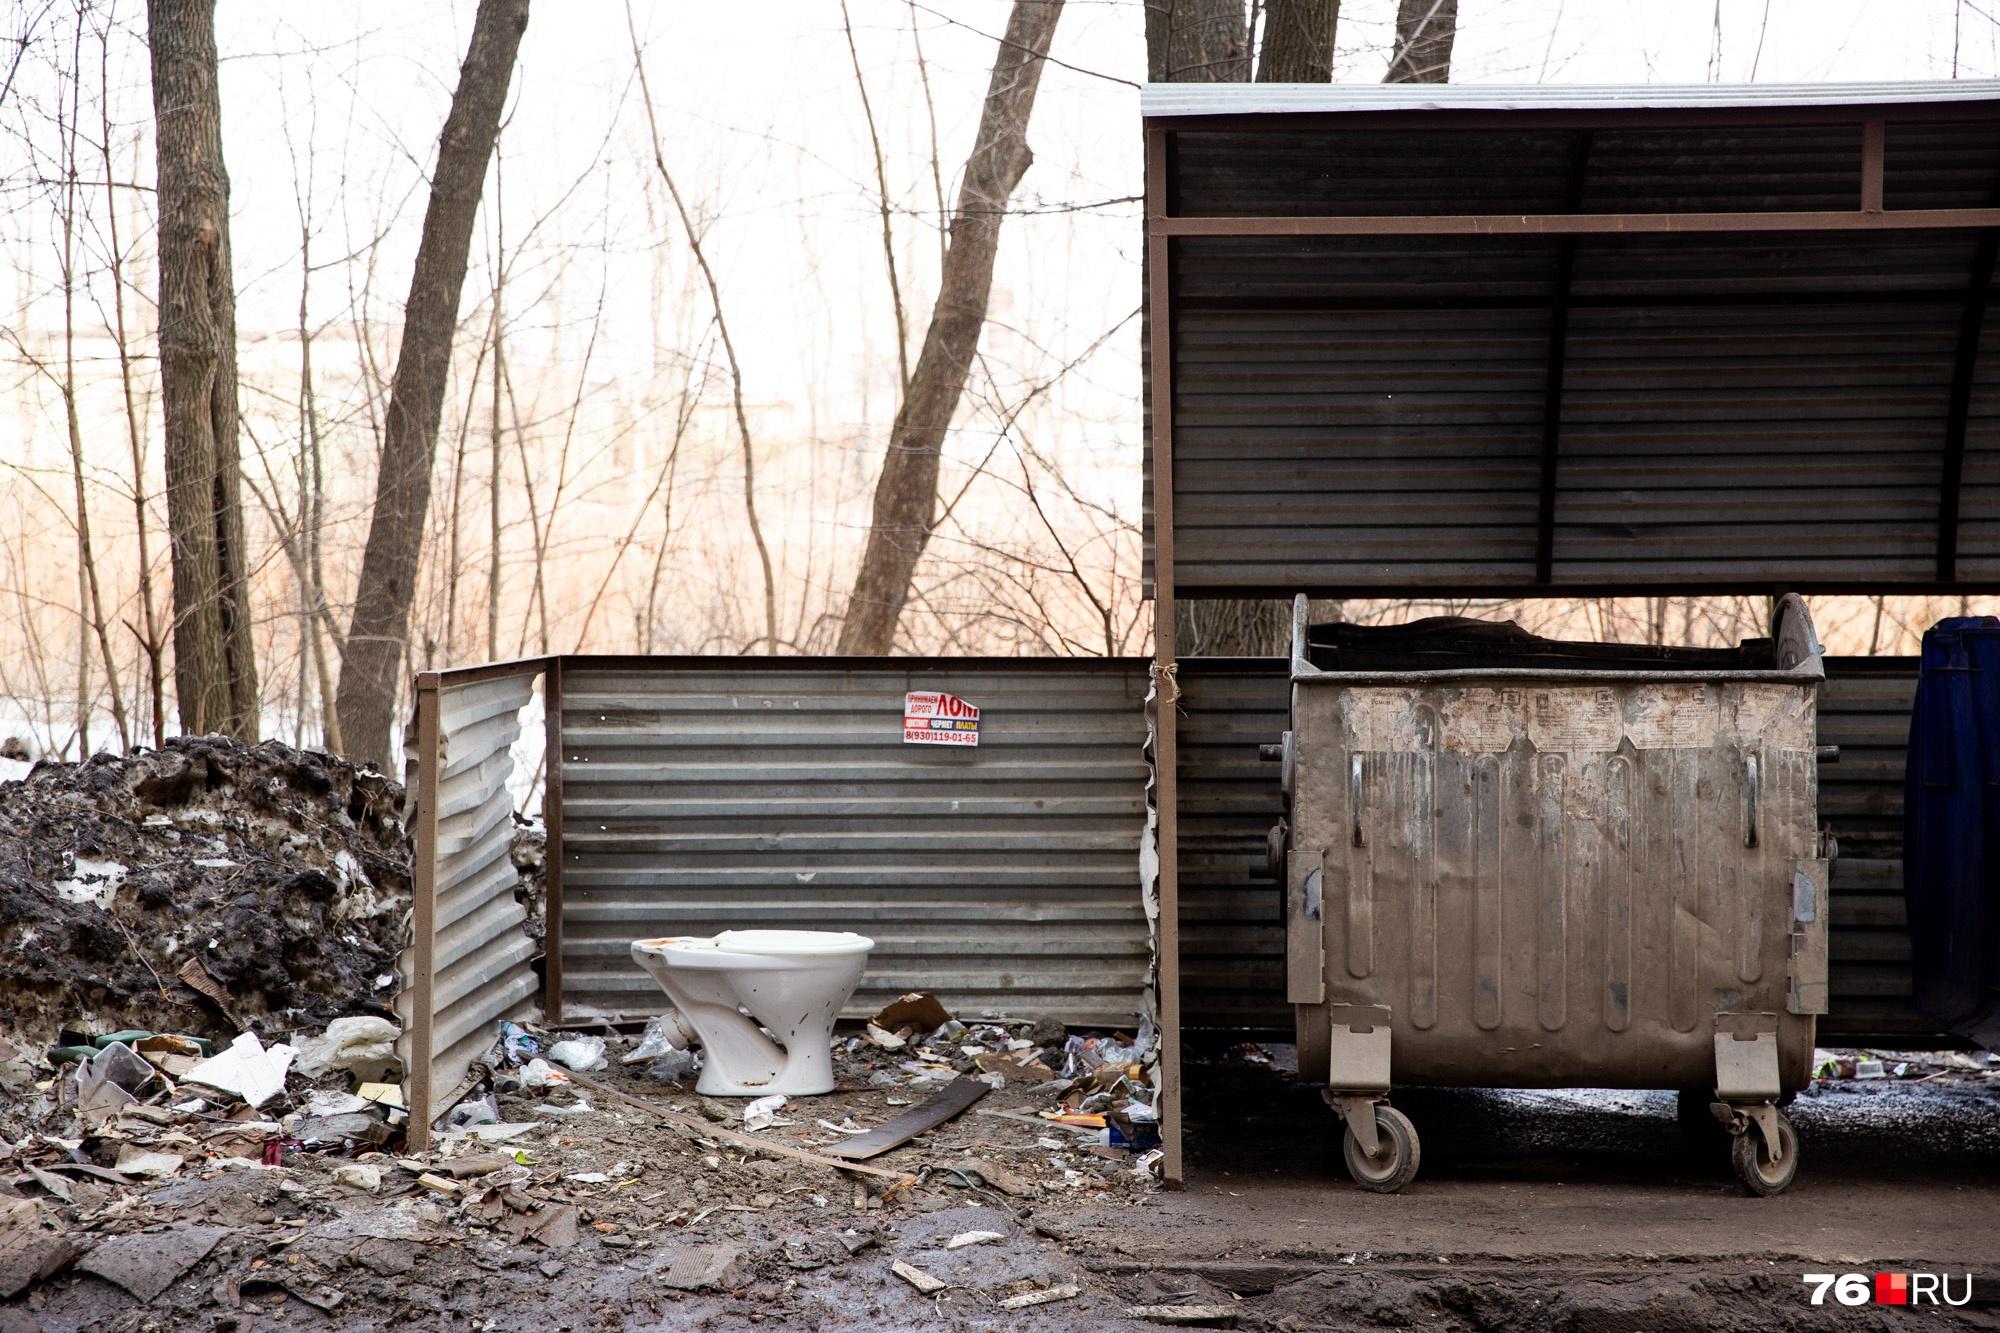 В баках пусто, а рядом валяется куча мусора